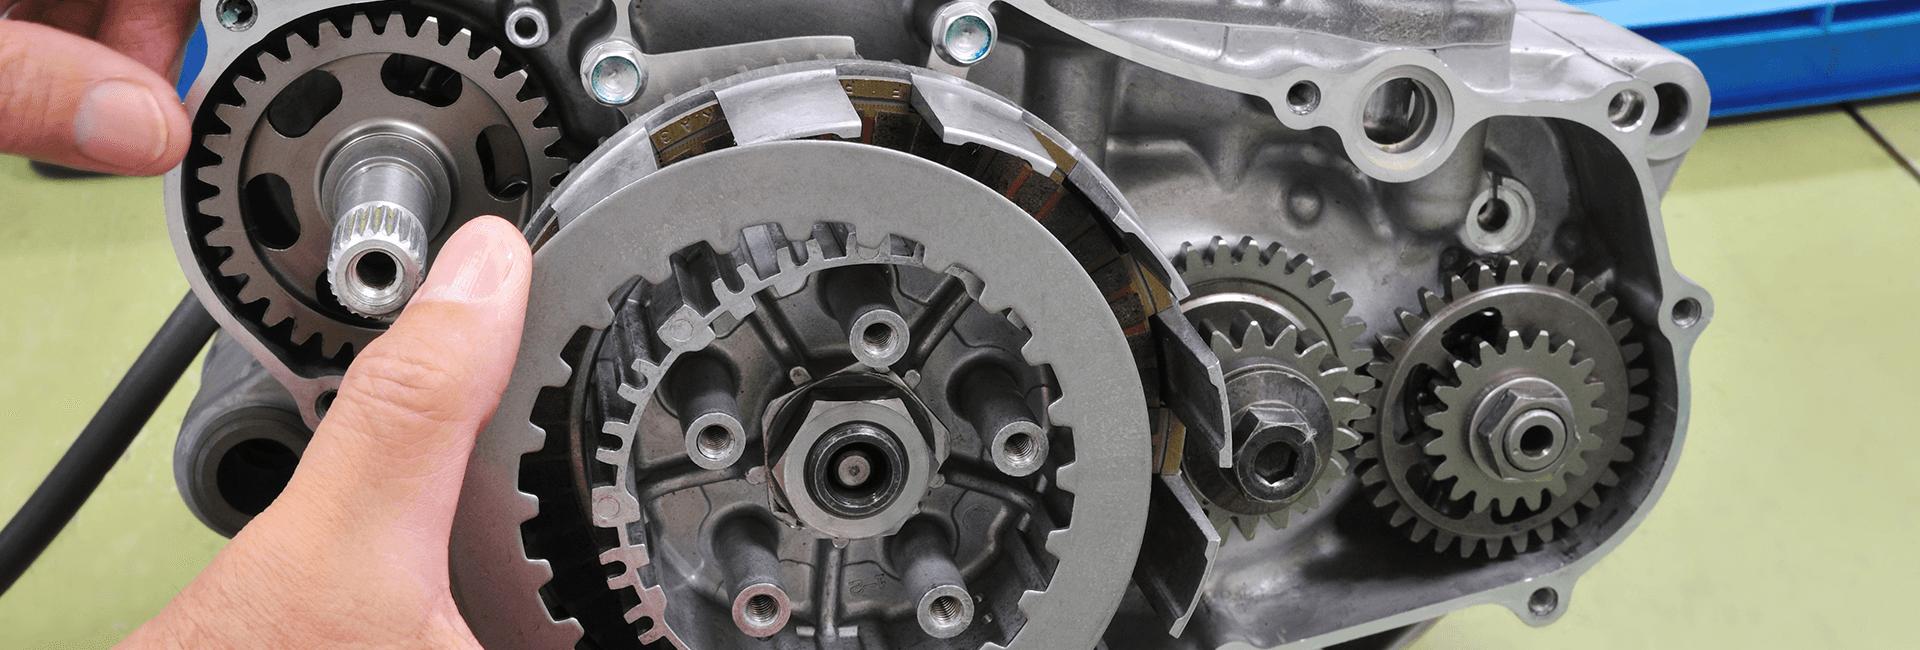 motocycle engine parts